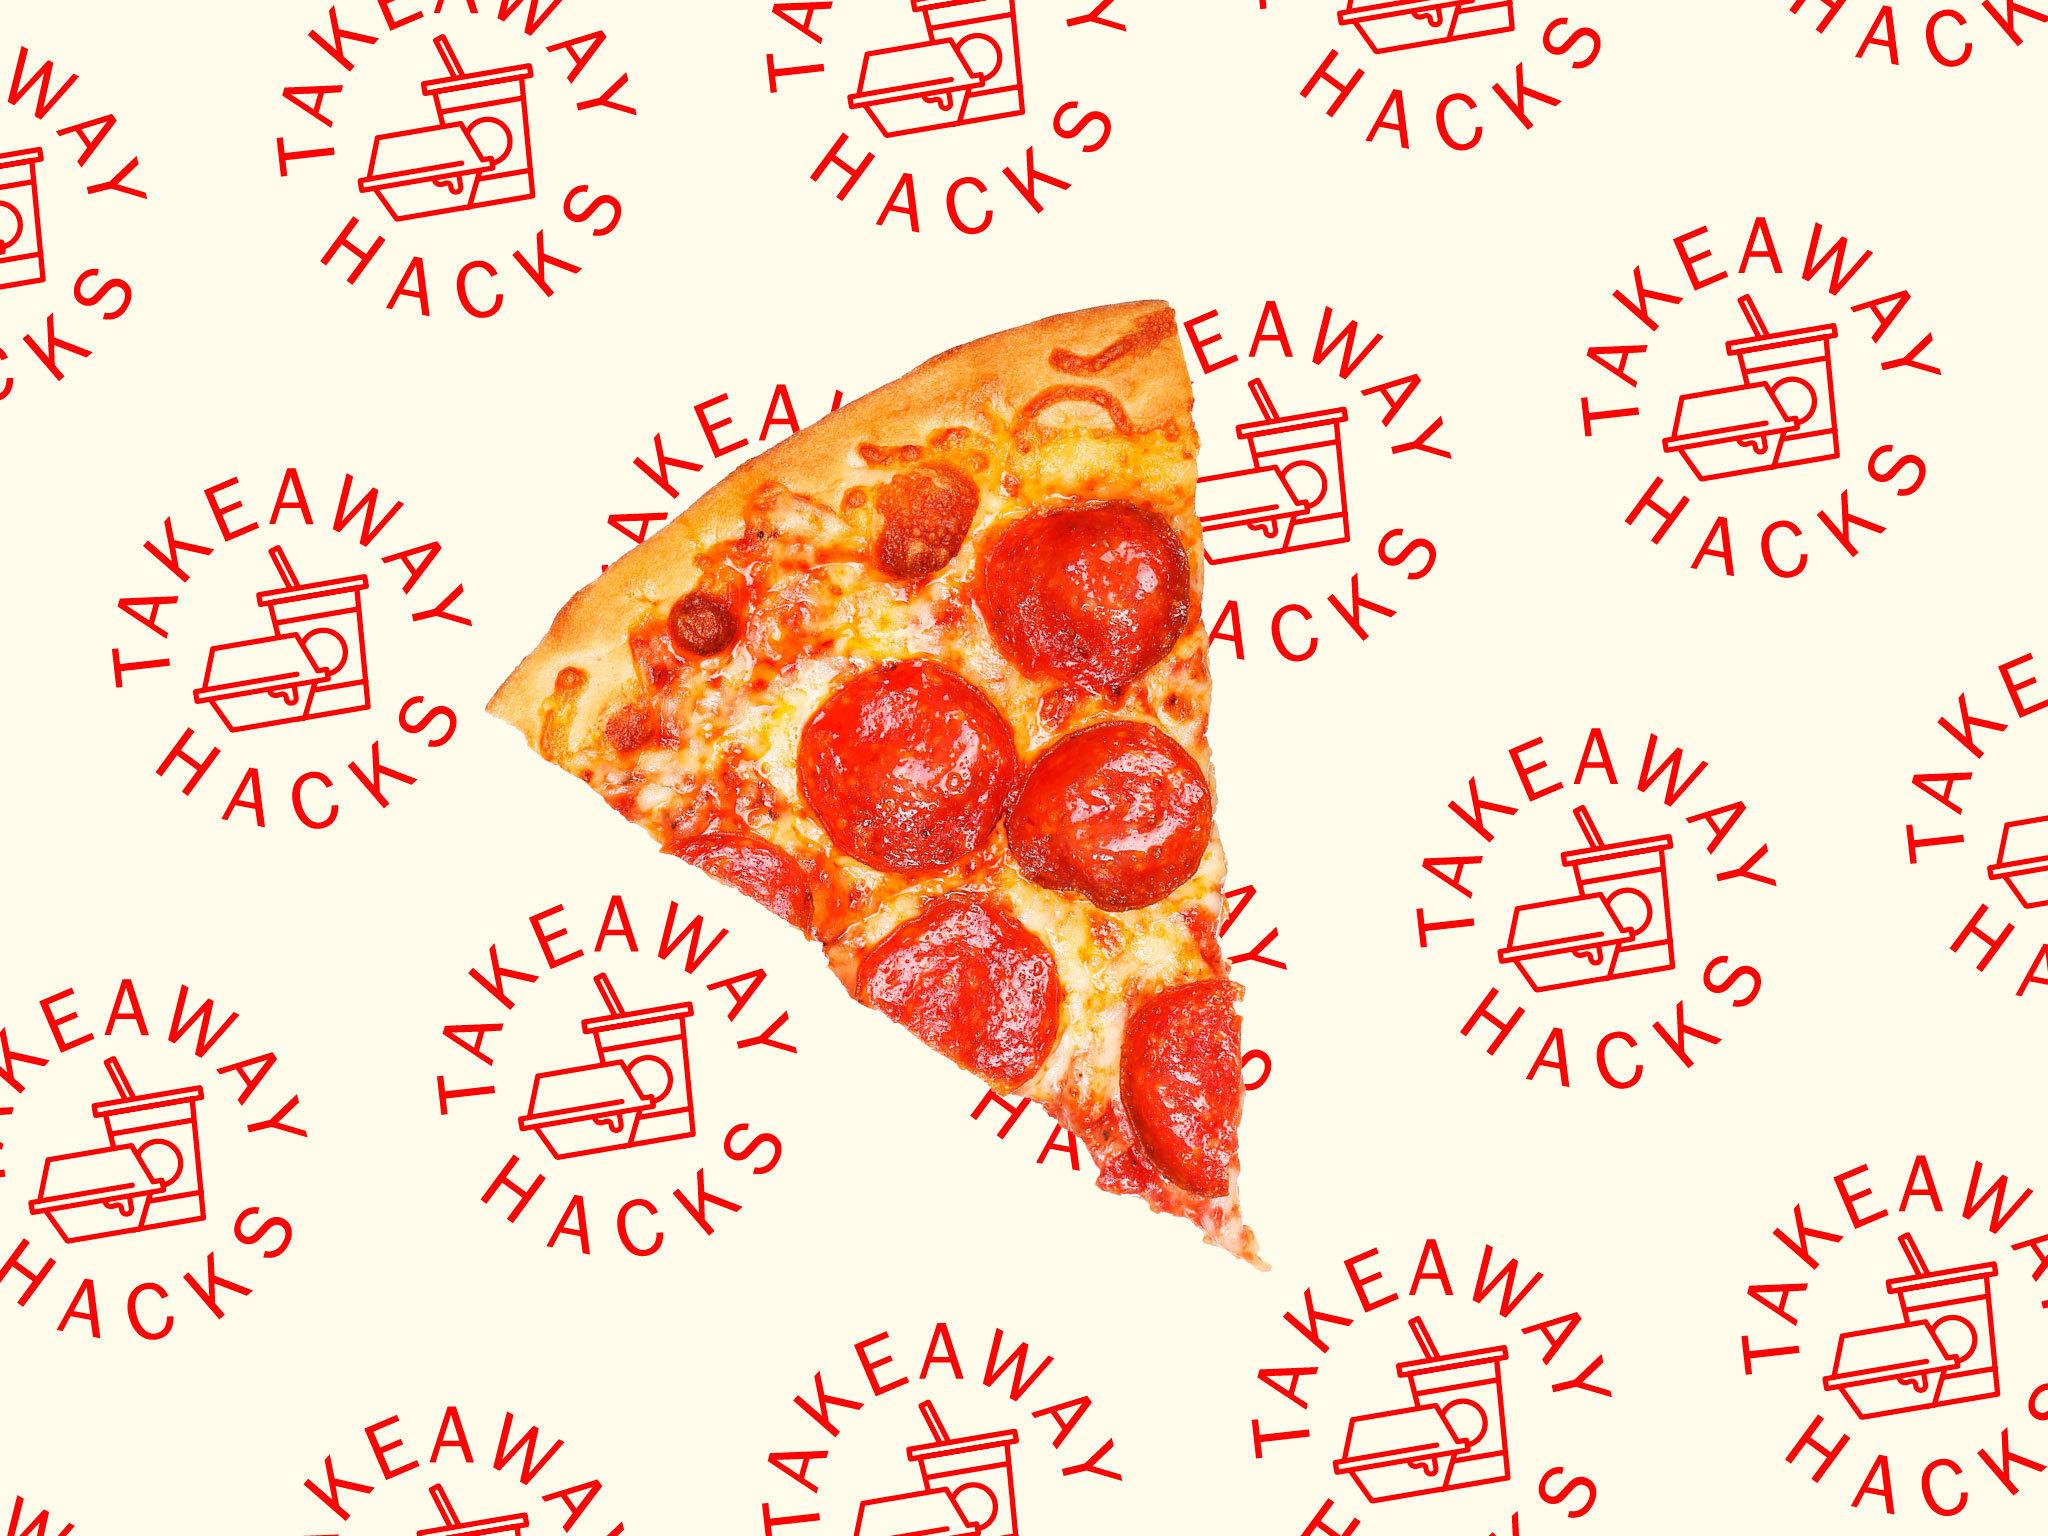 ロンドン流、持ち帰りピザのちょい足しレシピ 12選